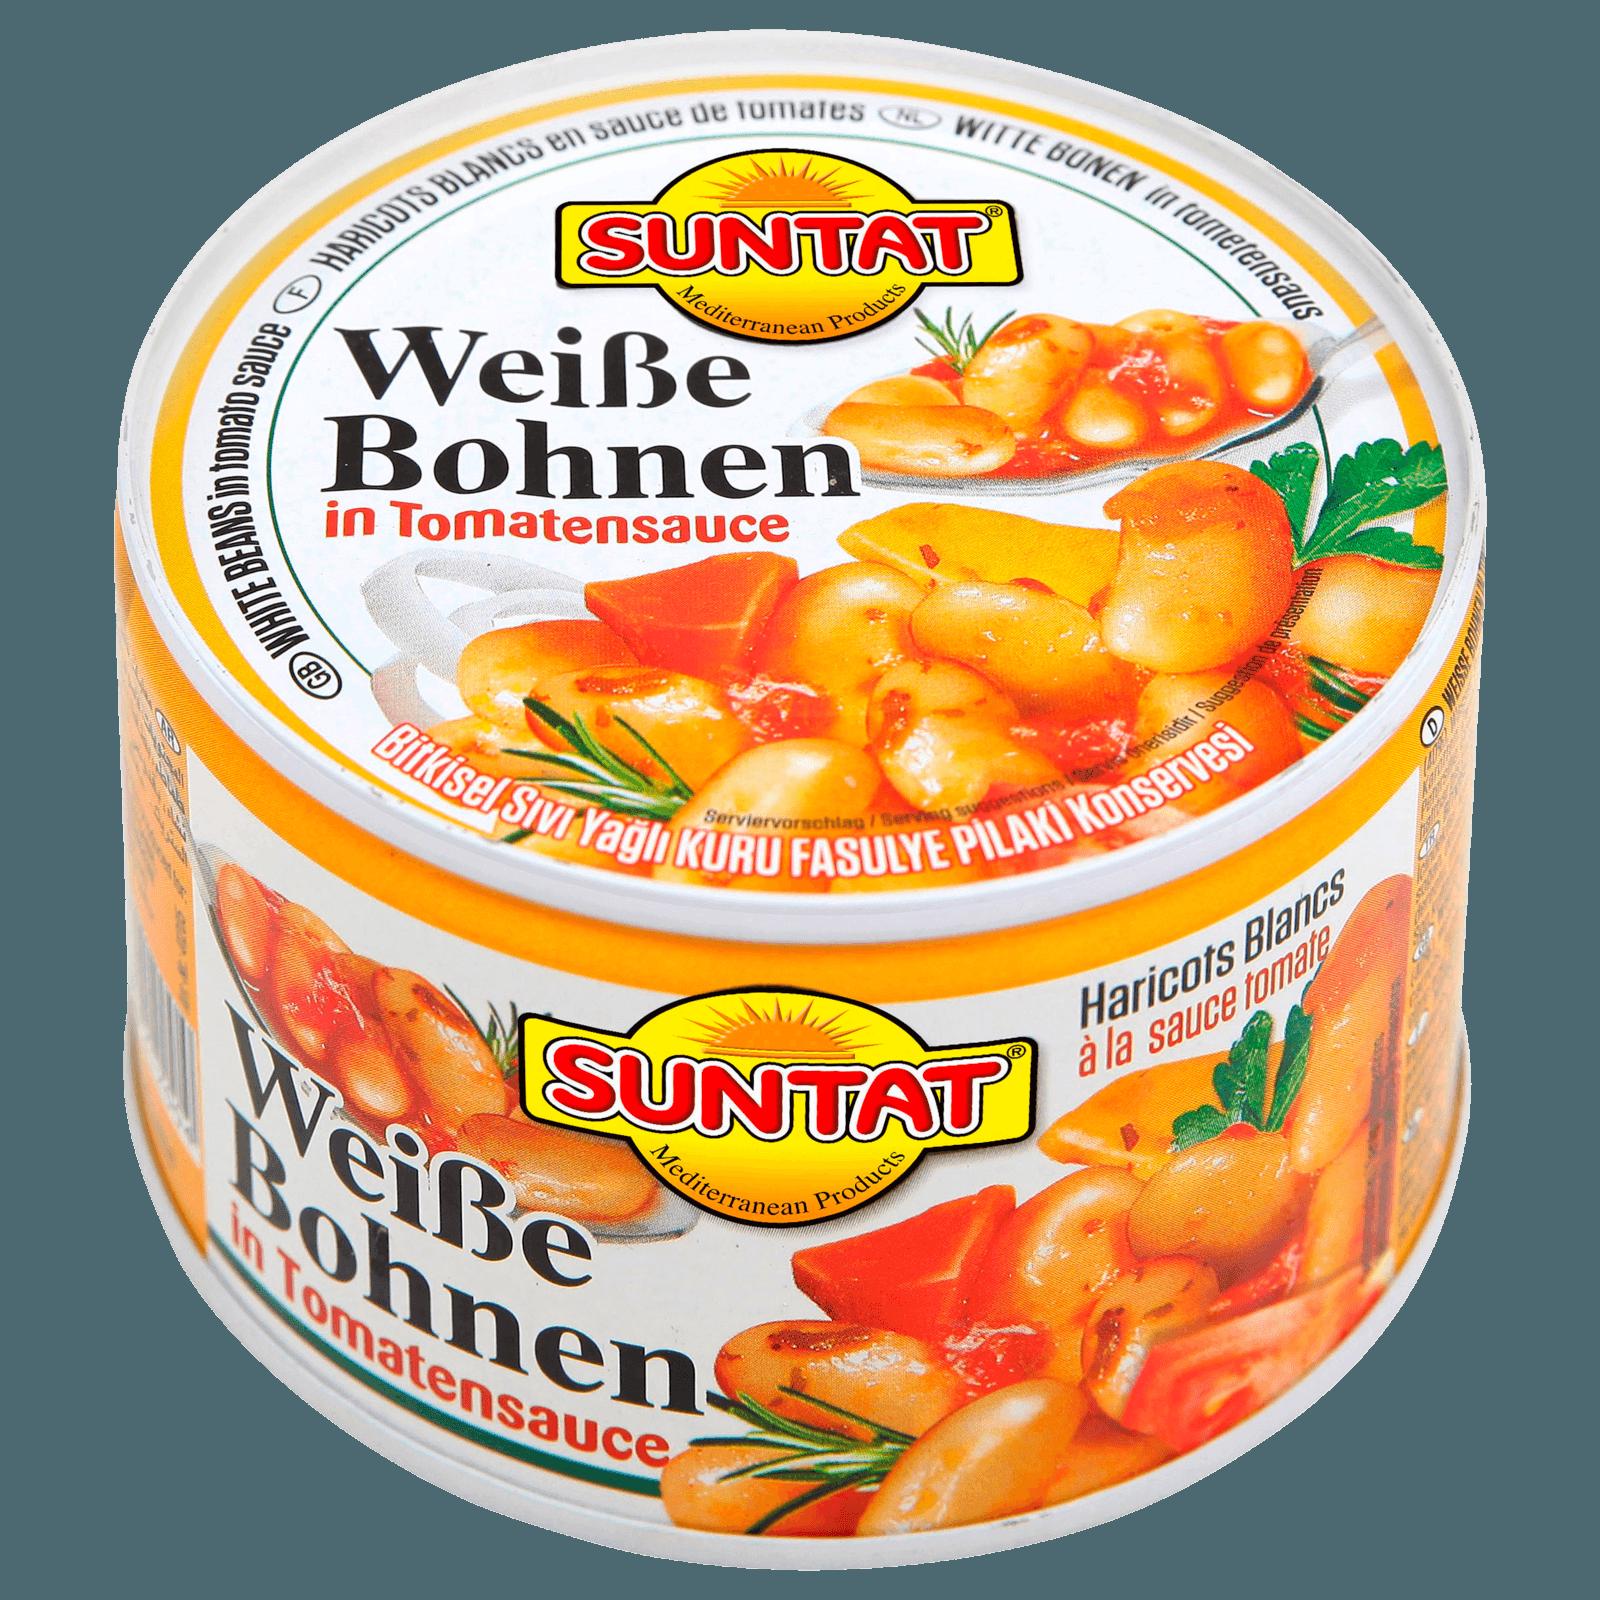 Suntat Weiße Bohnen in Tomatensoße 400g